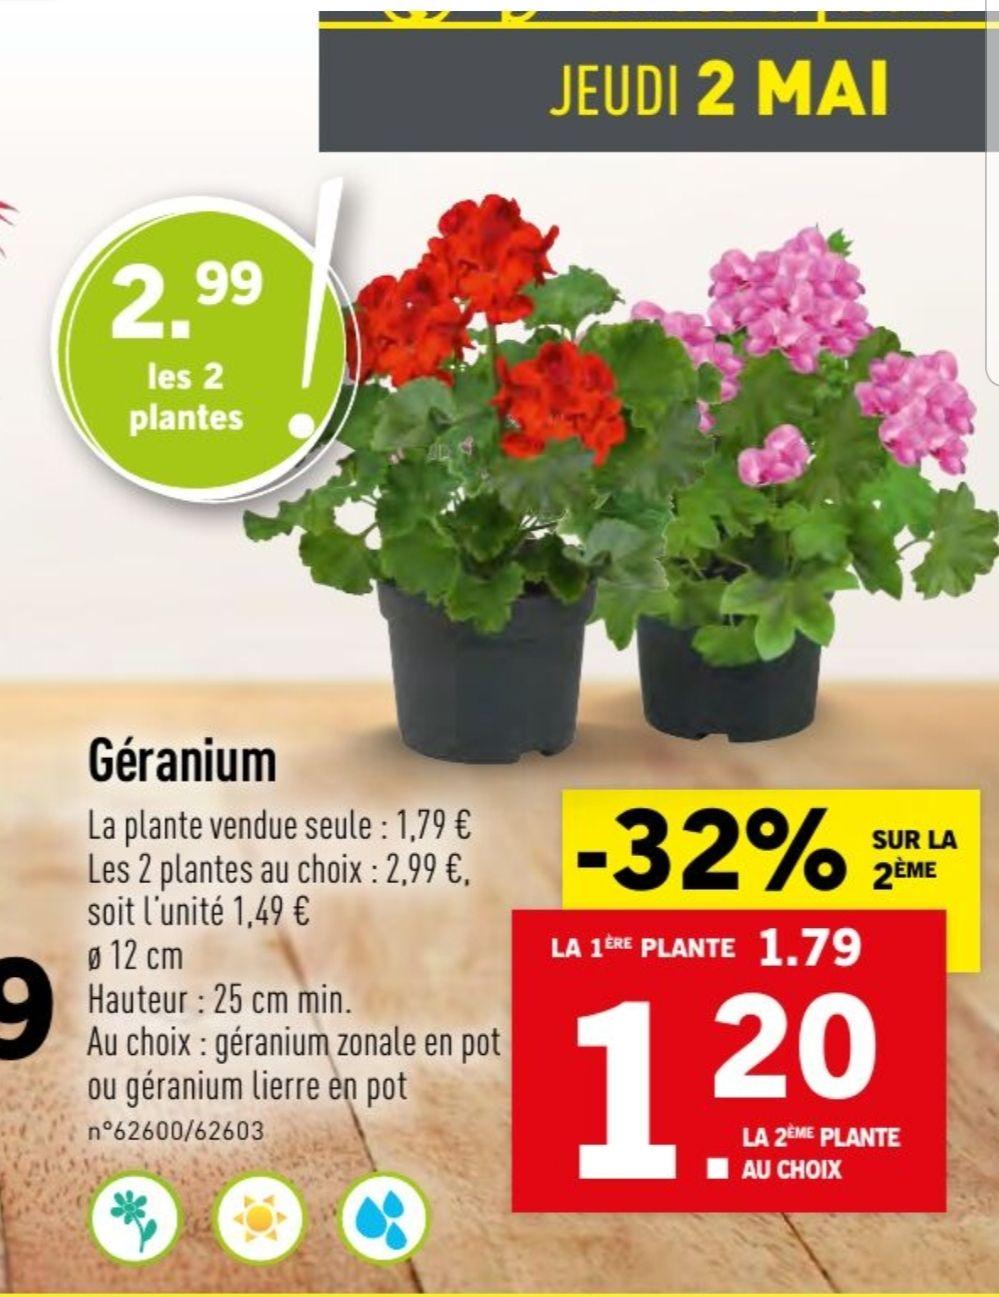 Lot de 2 plantes Géranium - Hauteur 25 cm, diamètre 8 cm